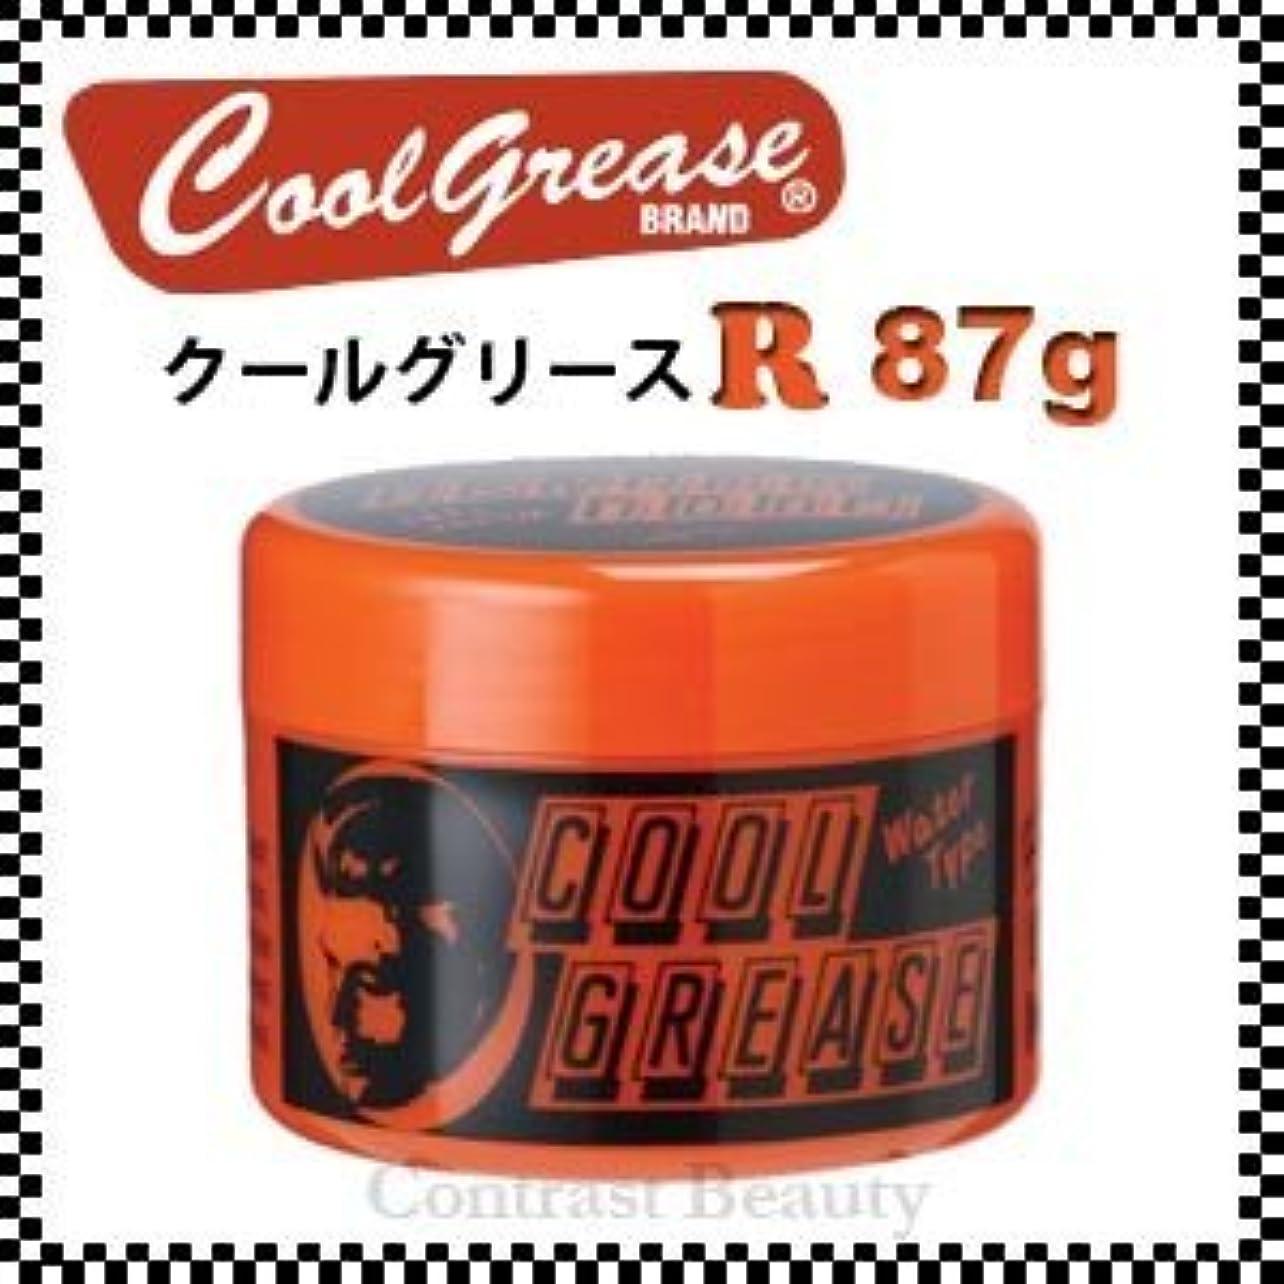 気絶させるローブバンク阪本高生堂 クールグリース R 87g